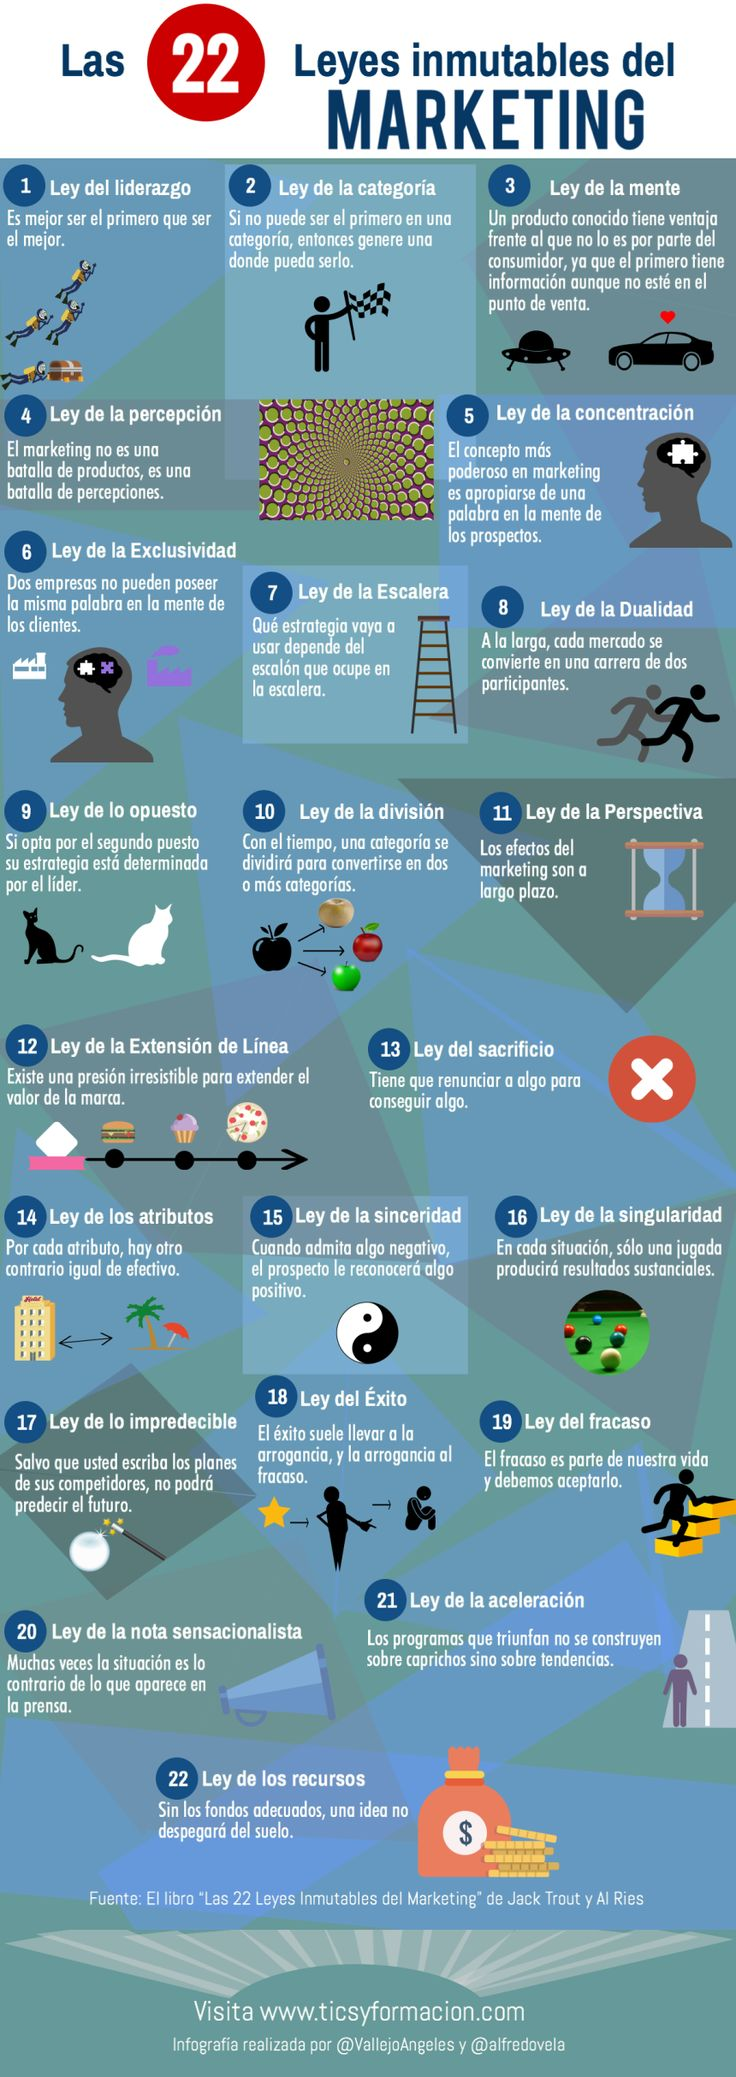 Las 22 Leyes inmutables del Marketing #infografia